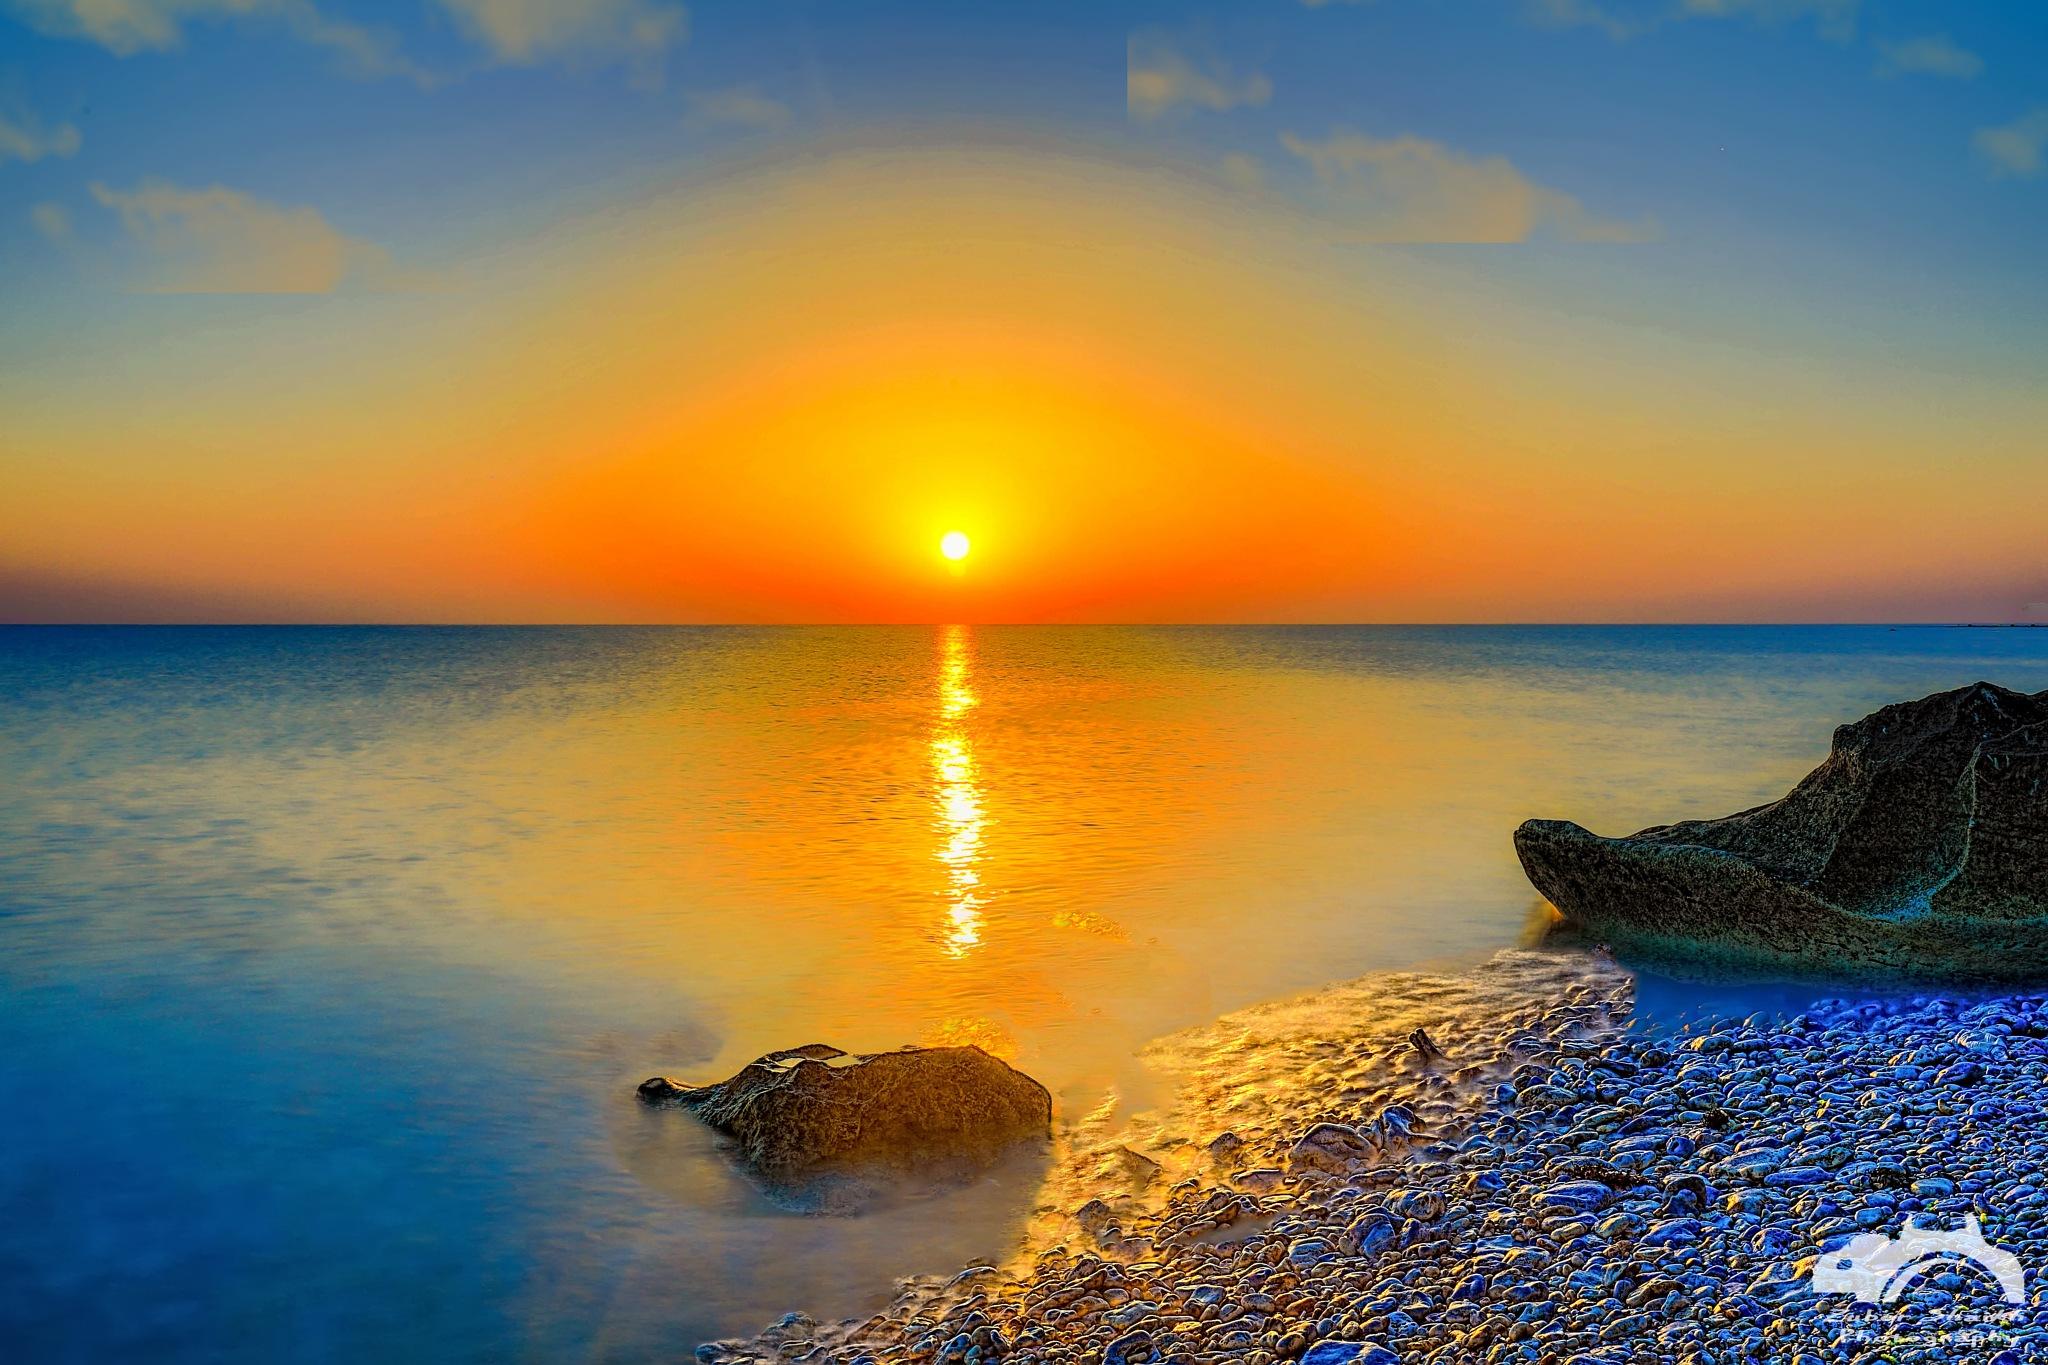 Fuwairit Beach by Zuber Shaikh